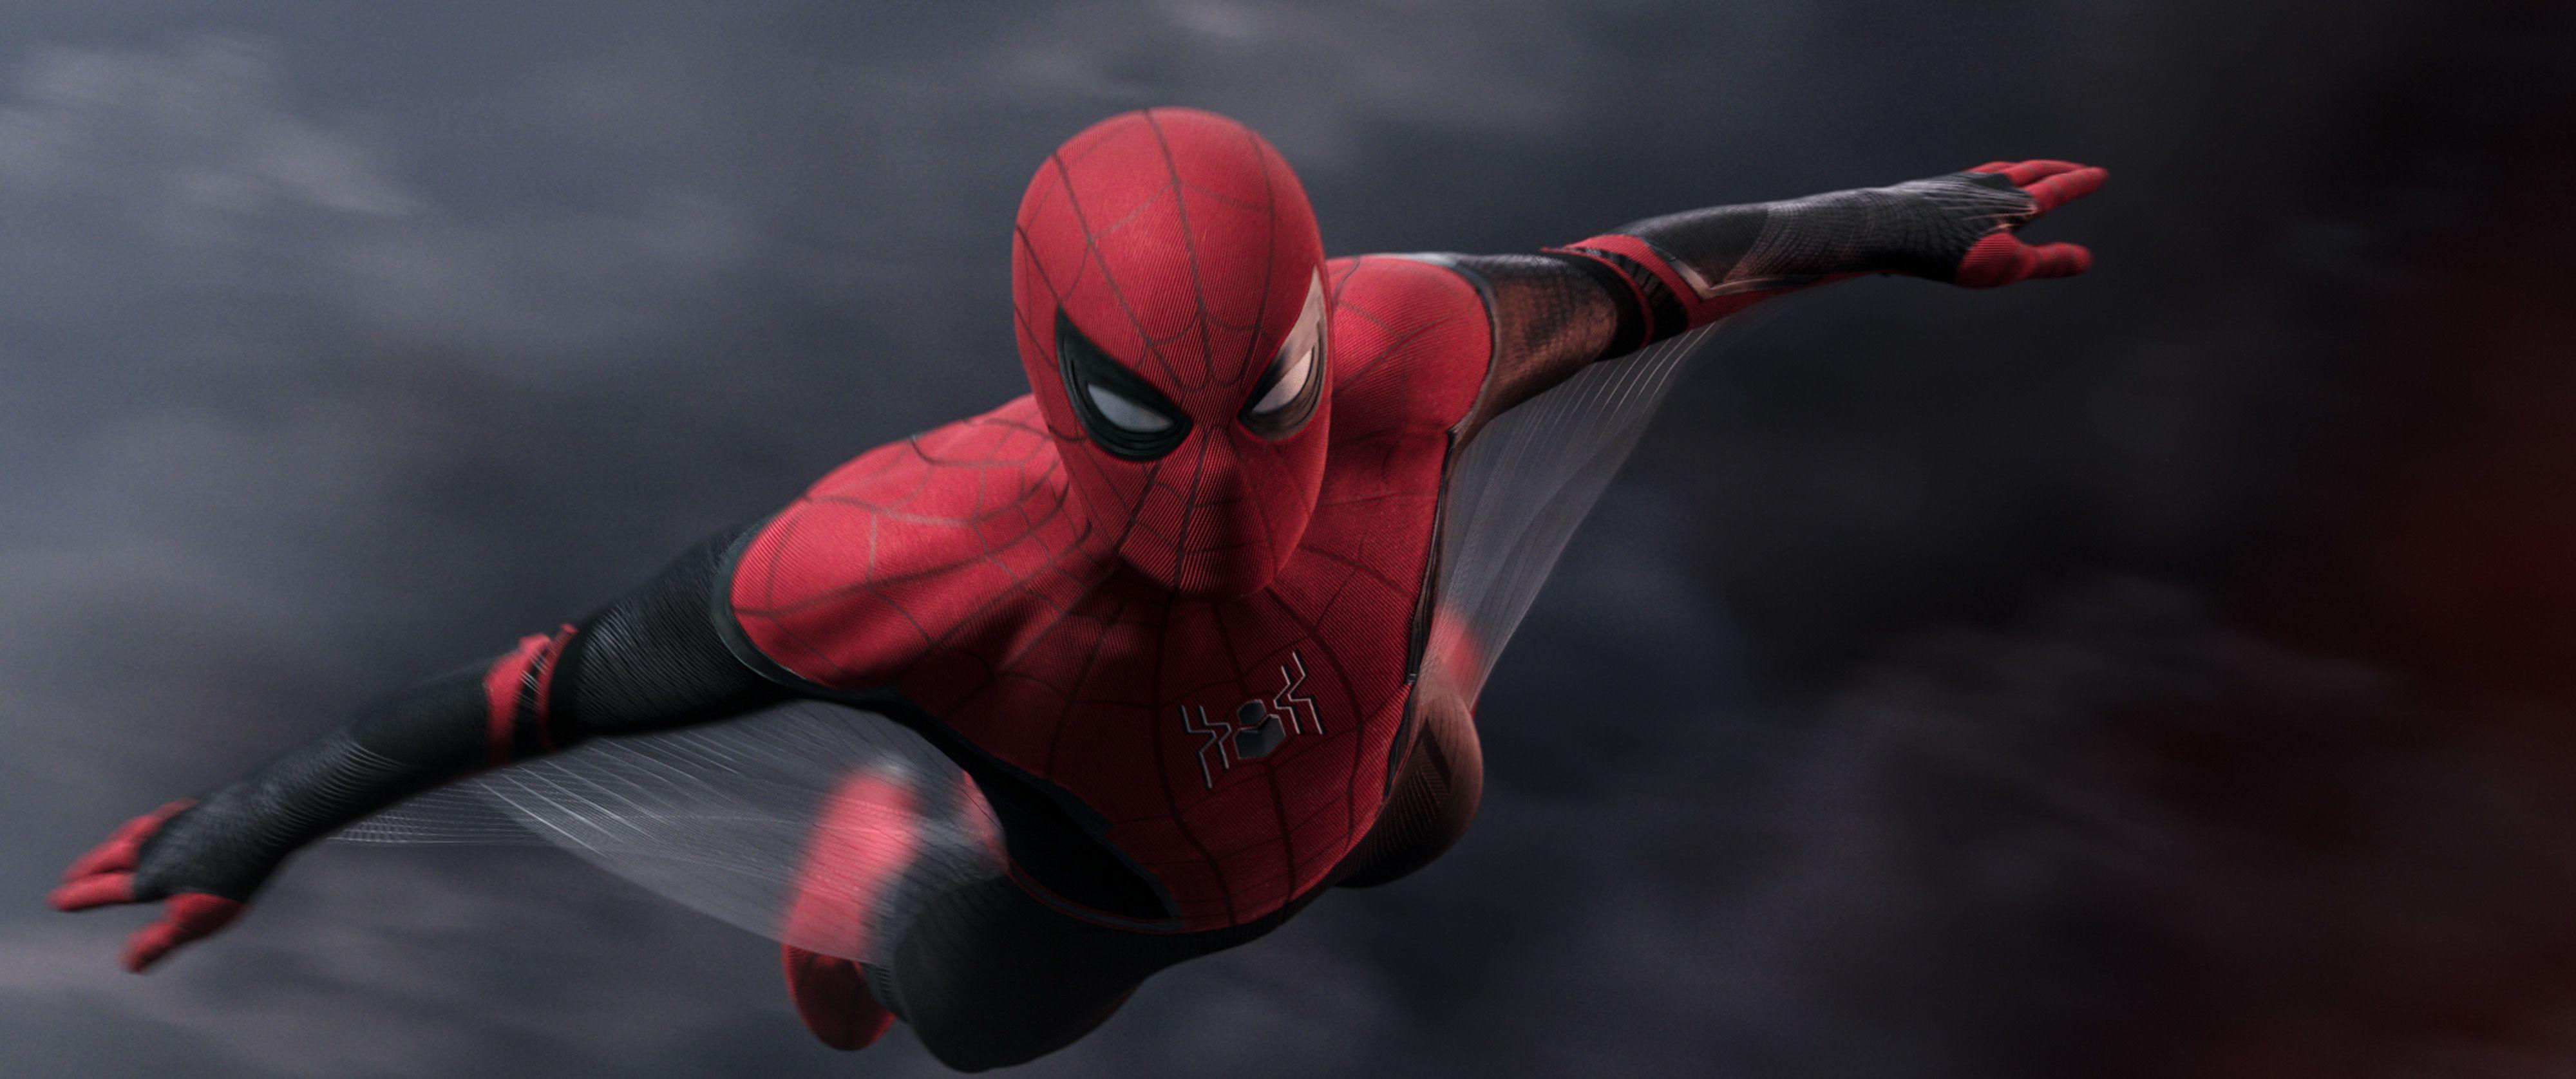 Человек-паук: Вдали от дома, кадр № 4